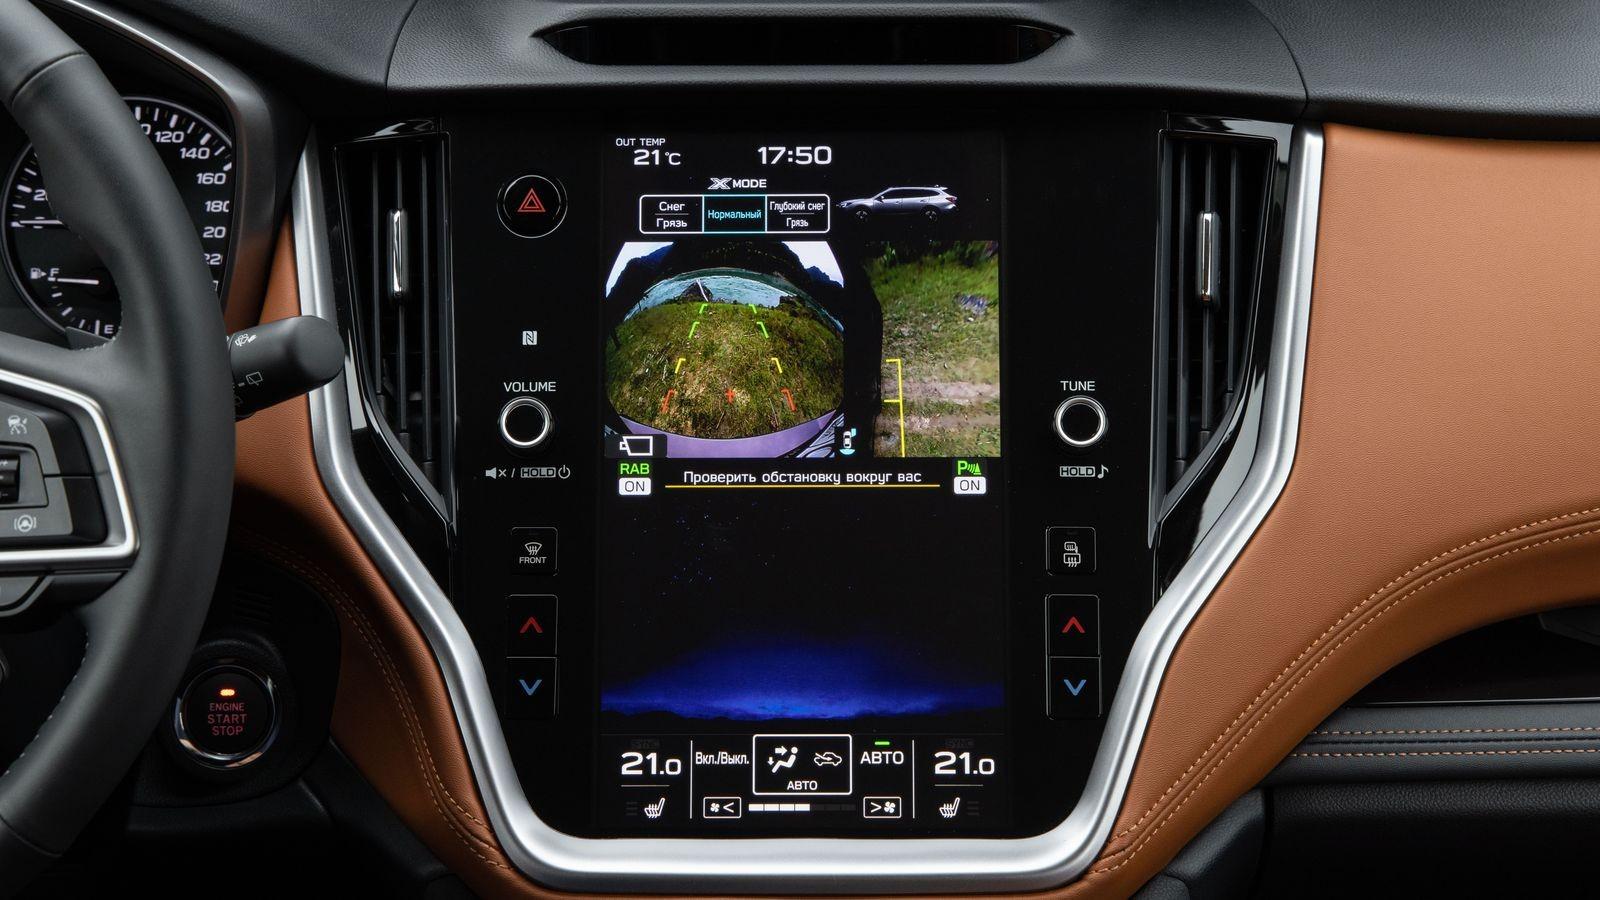 Непосредственный впрыск и глюки мультимедиа: тест нового Subaru Outback